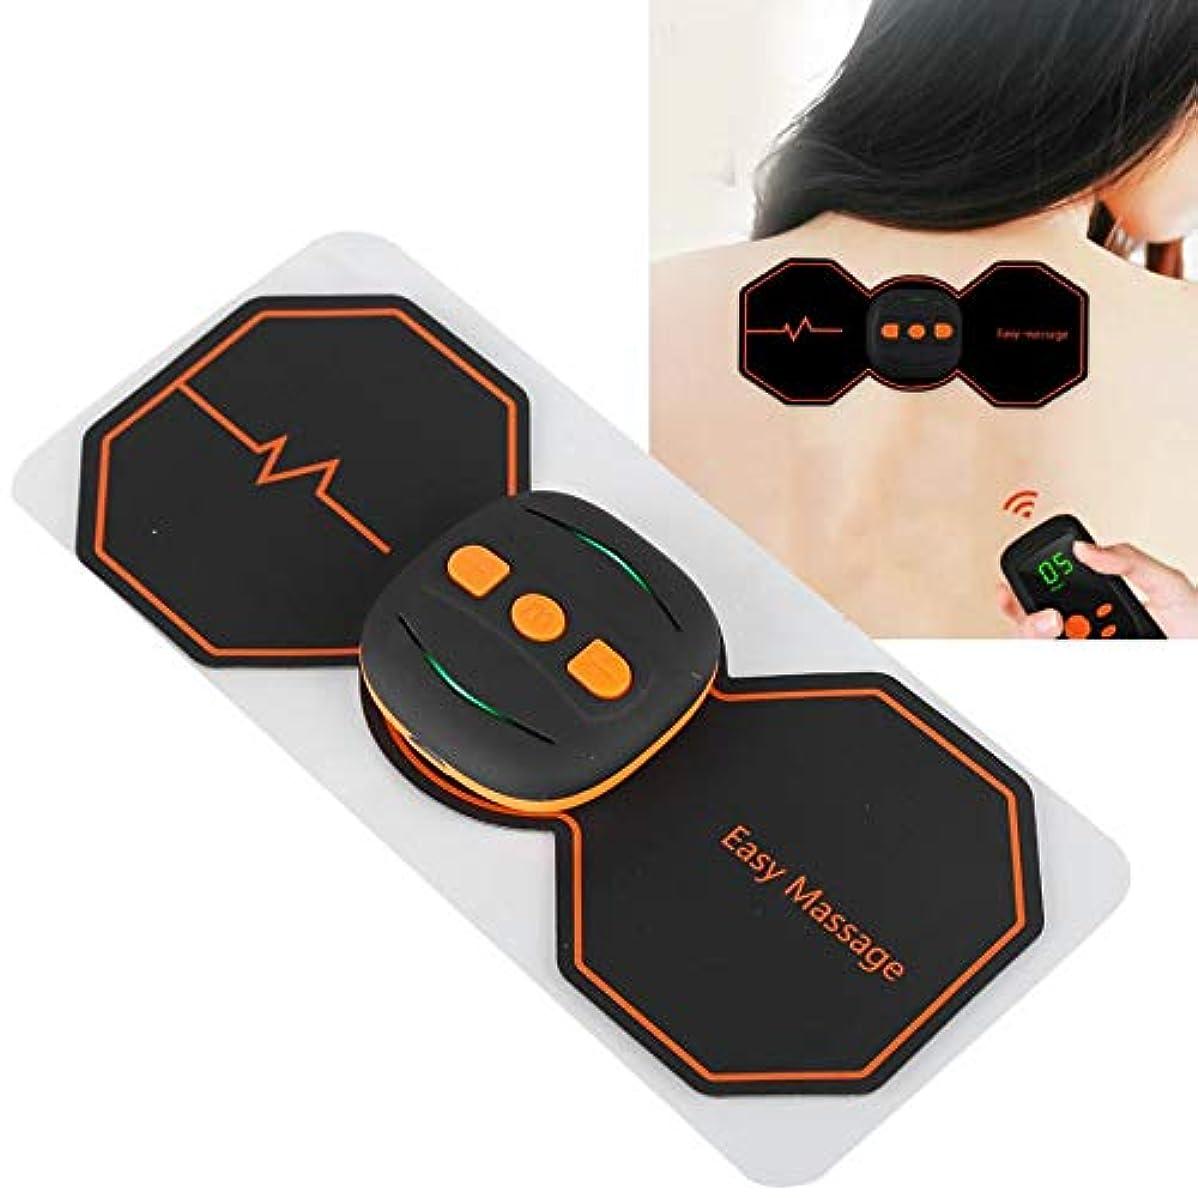 季節入る信頼セラピー充電式ワイヤレス頸椎マッサージャーネックウエストマッサージステッカーデバイス